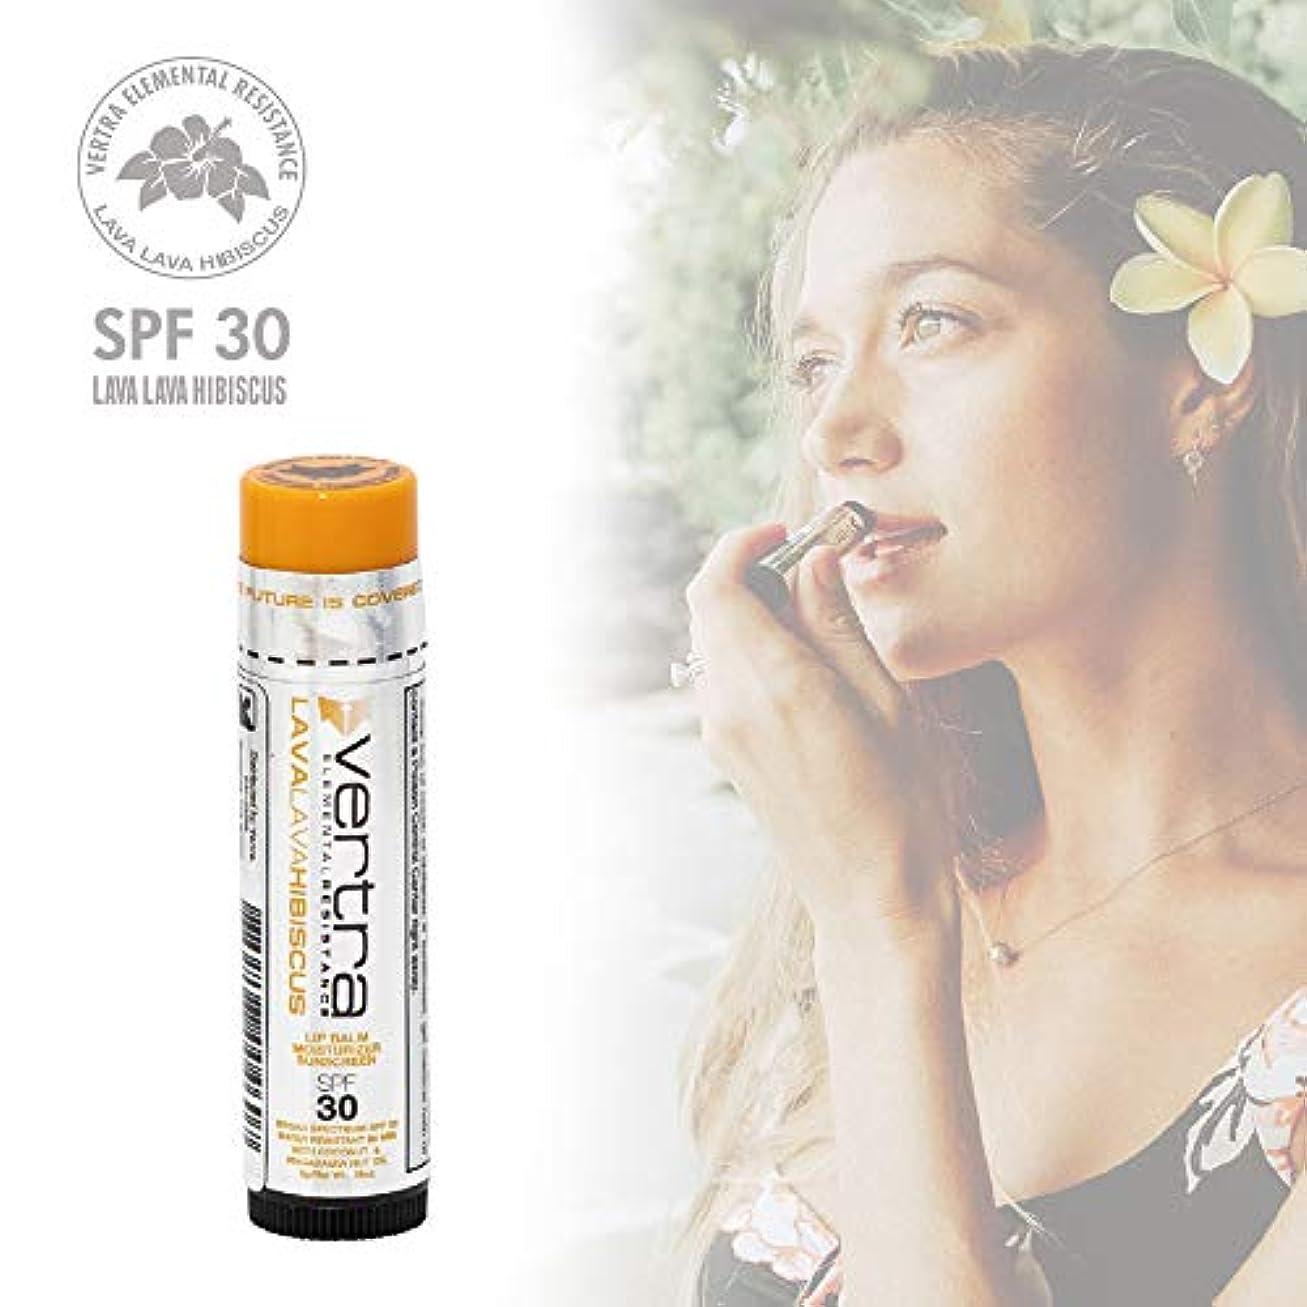 吸収剤アラブ割れ目VERTRA (バートラ) リップ 日焼け止め Lip Balm lava lava hibiscus SPF30 PA+++